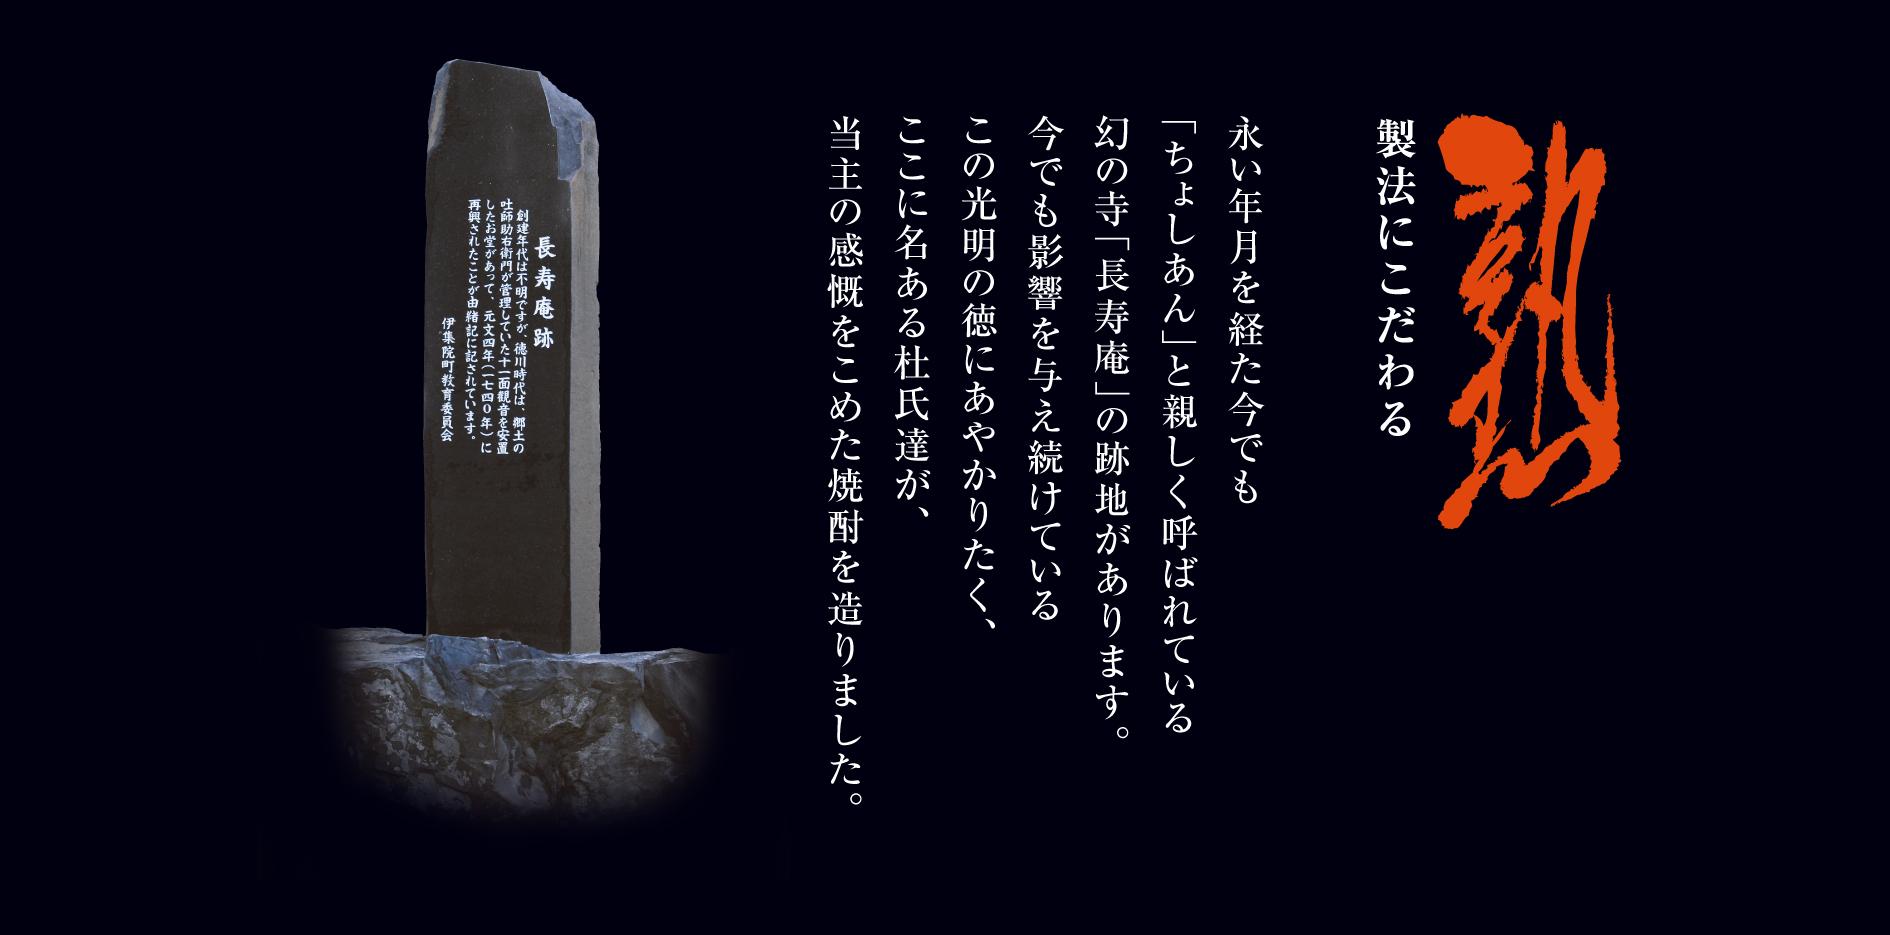 熟 製法にこだわる 永い年月を経た今でも「ちょしあん」と親しく呼ばれている幻の寺「長寿庵」の跡地があります。今でも影響を与え続けているこの光明の徳にあやかりたく、ここに名ある杜氏達が、当主の感慨をこめた焼酎を造りました。